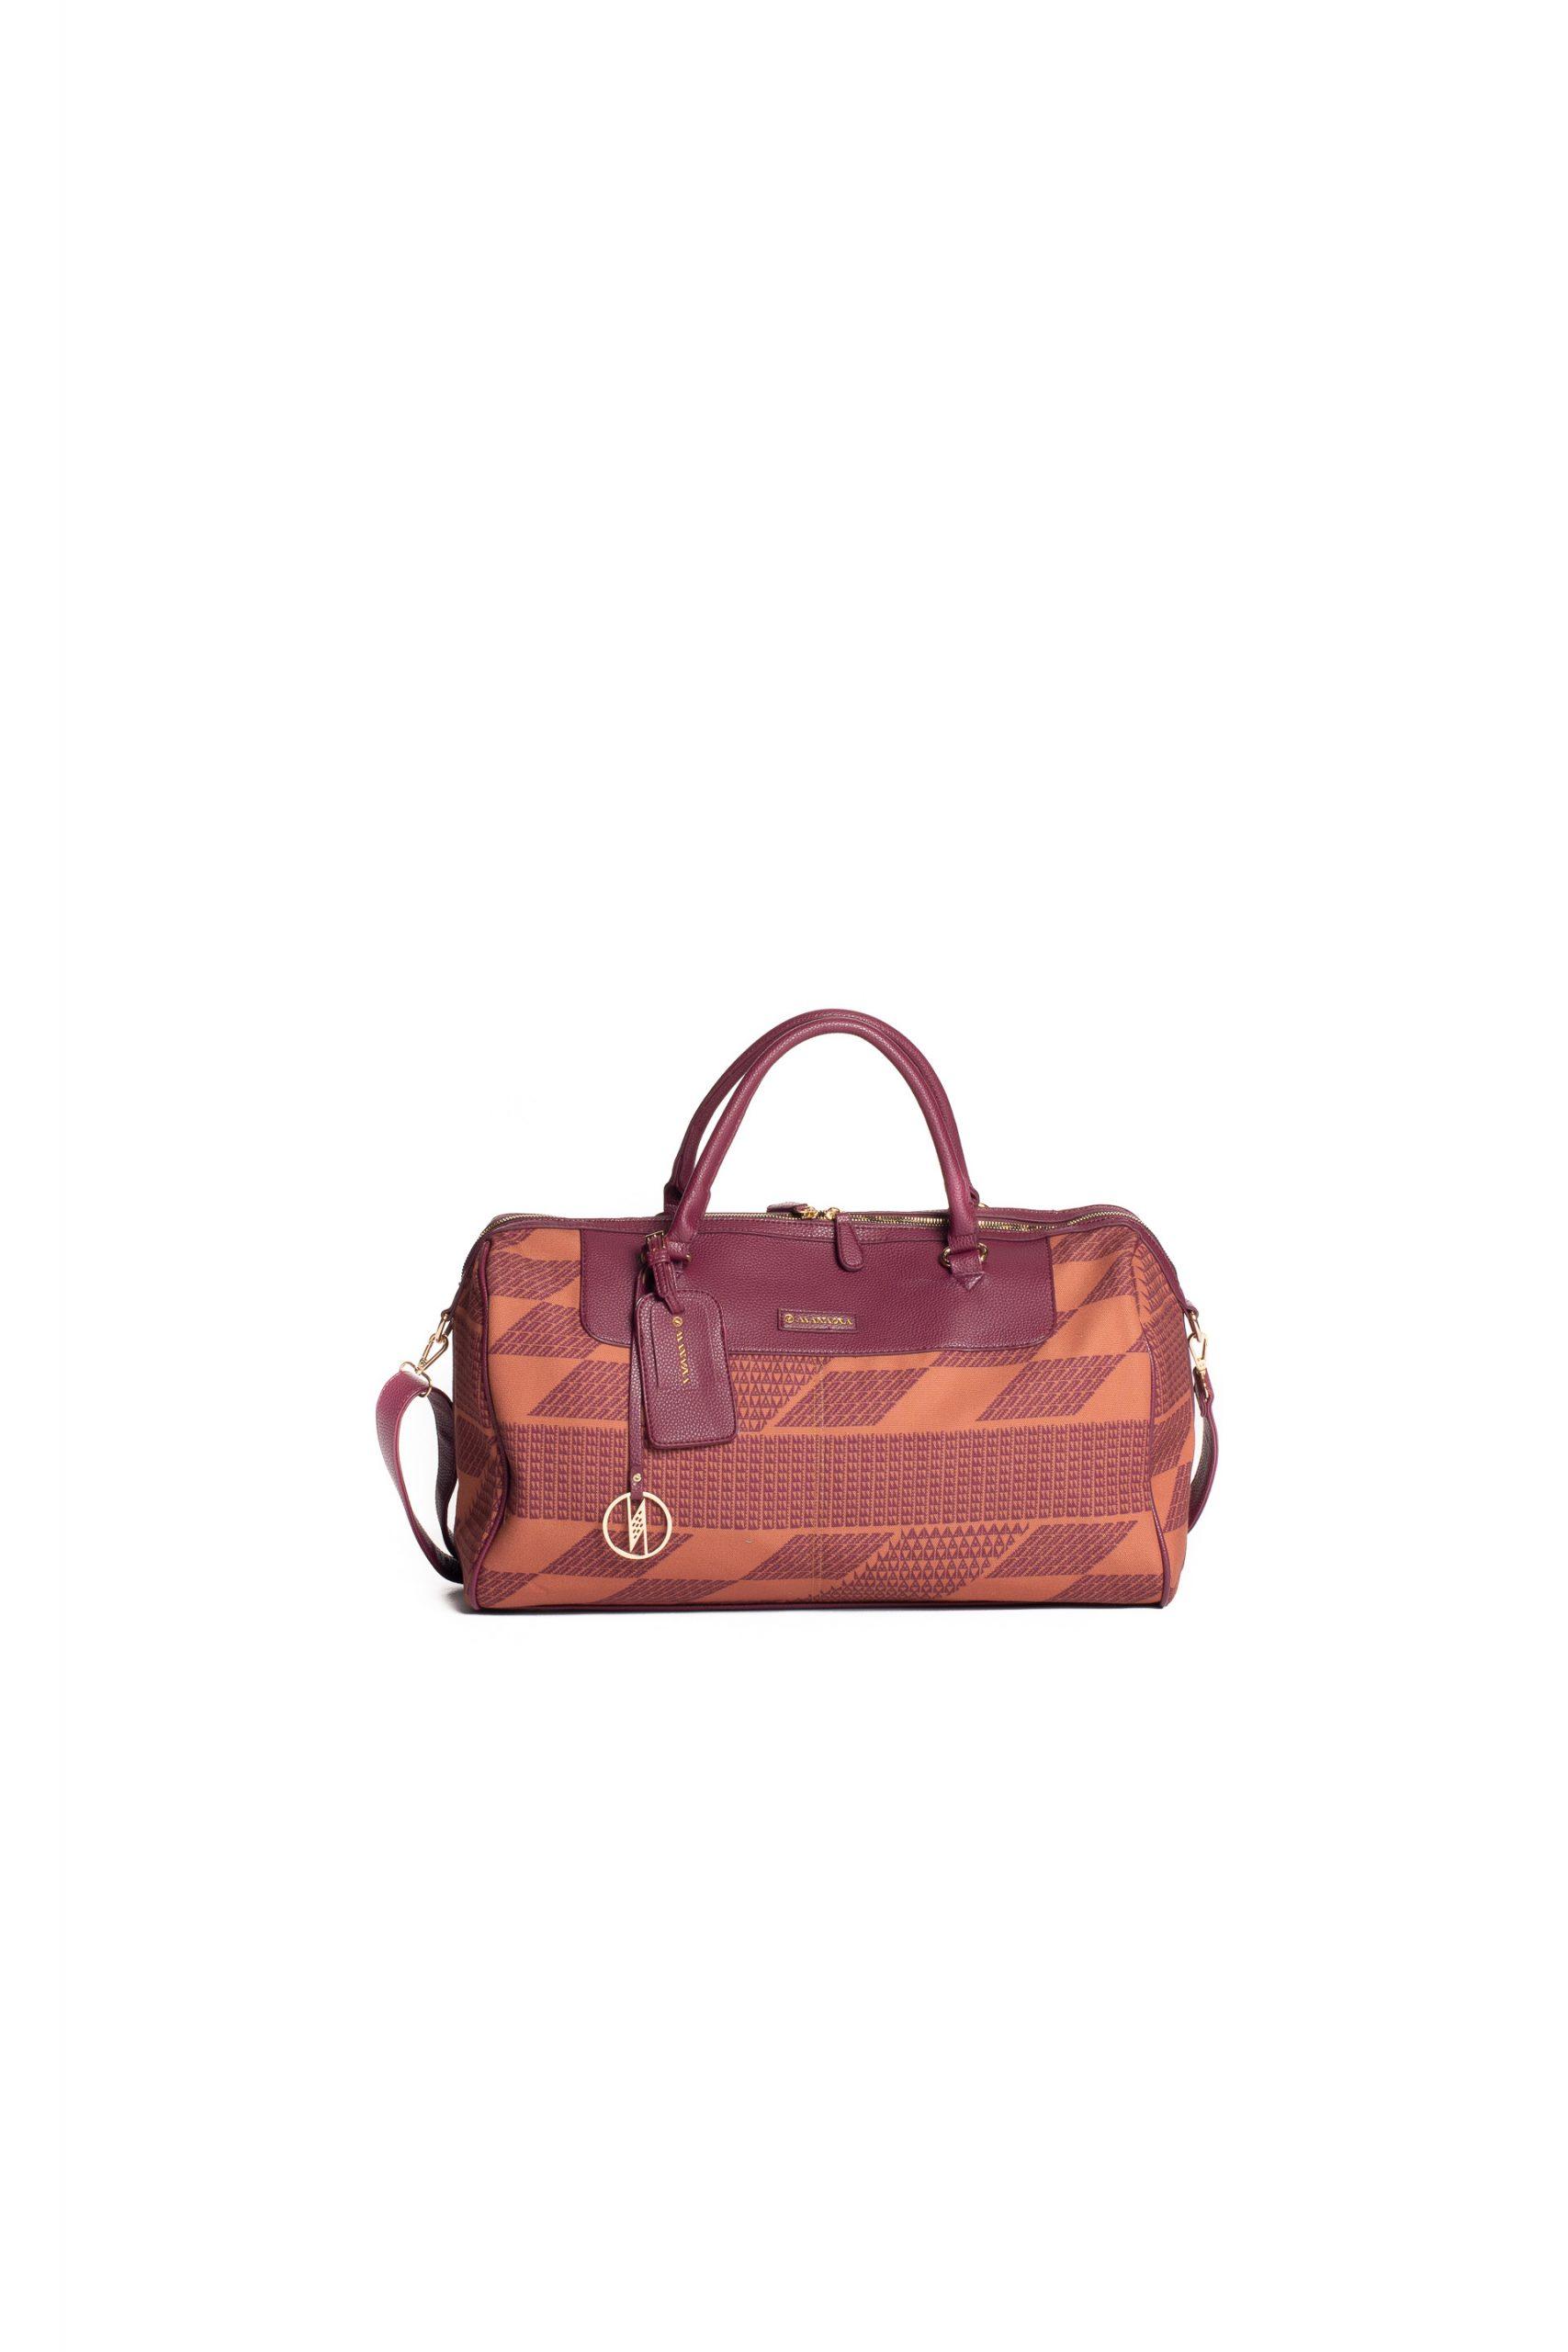 Island Hopper Weekend Bag